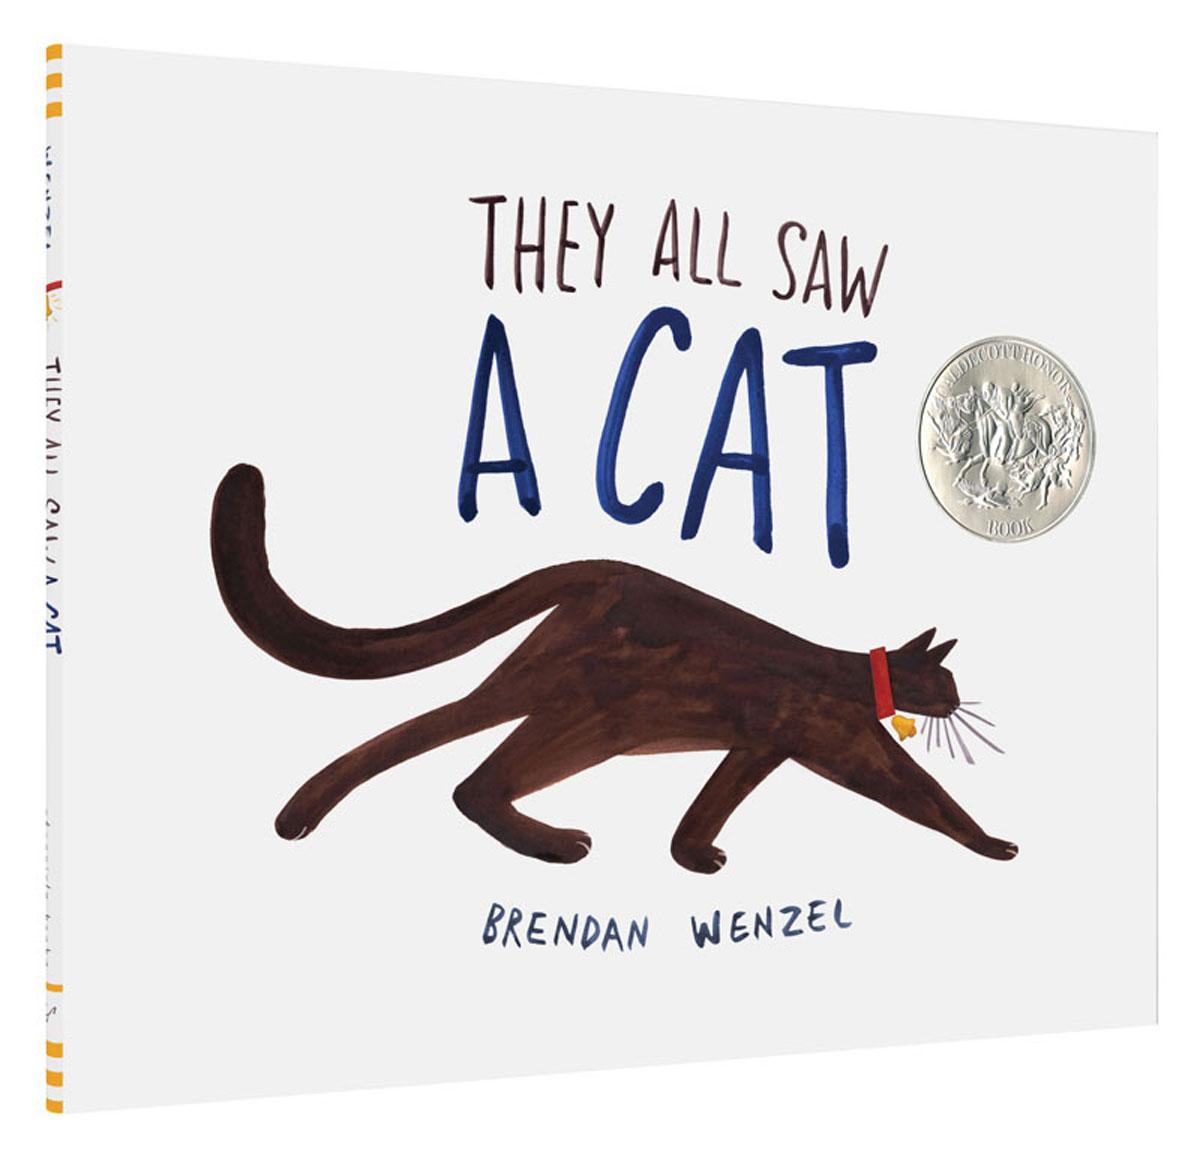 【英桃小玩子】EP24-They All Saw a Cat他們都看見了一隻貓,探討不同觀點